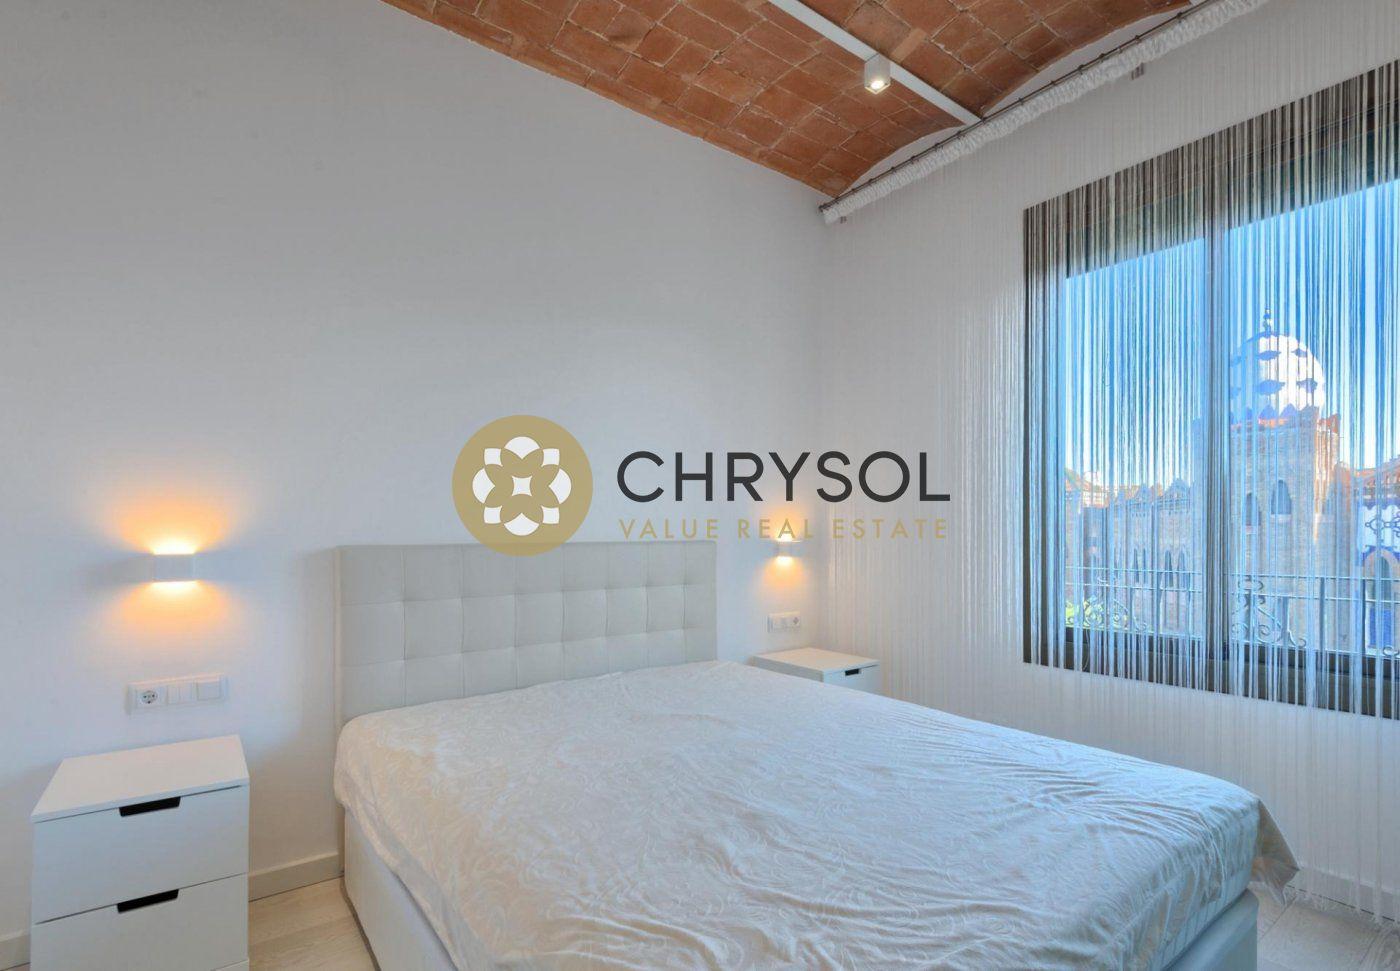 Fotogalería - 7 - Chrysol Value